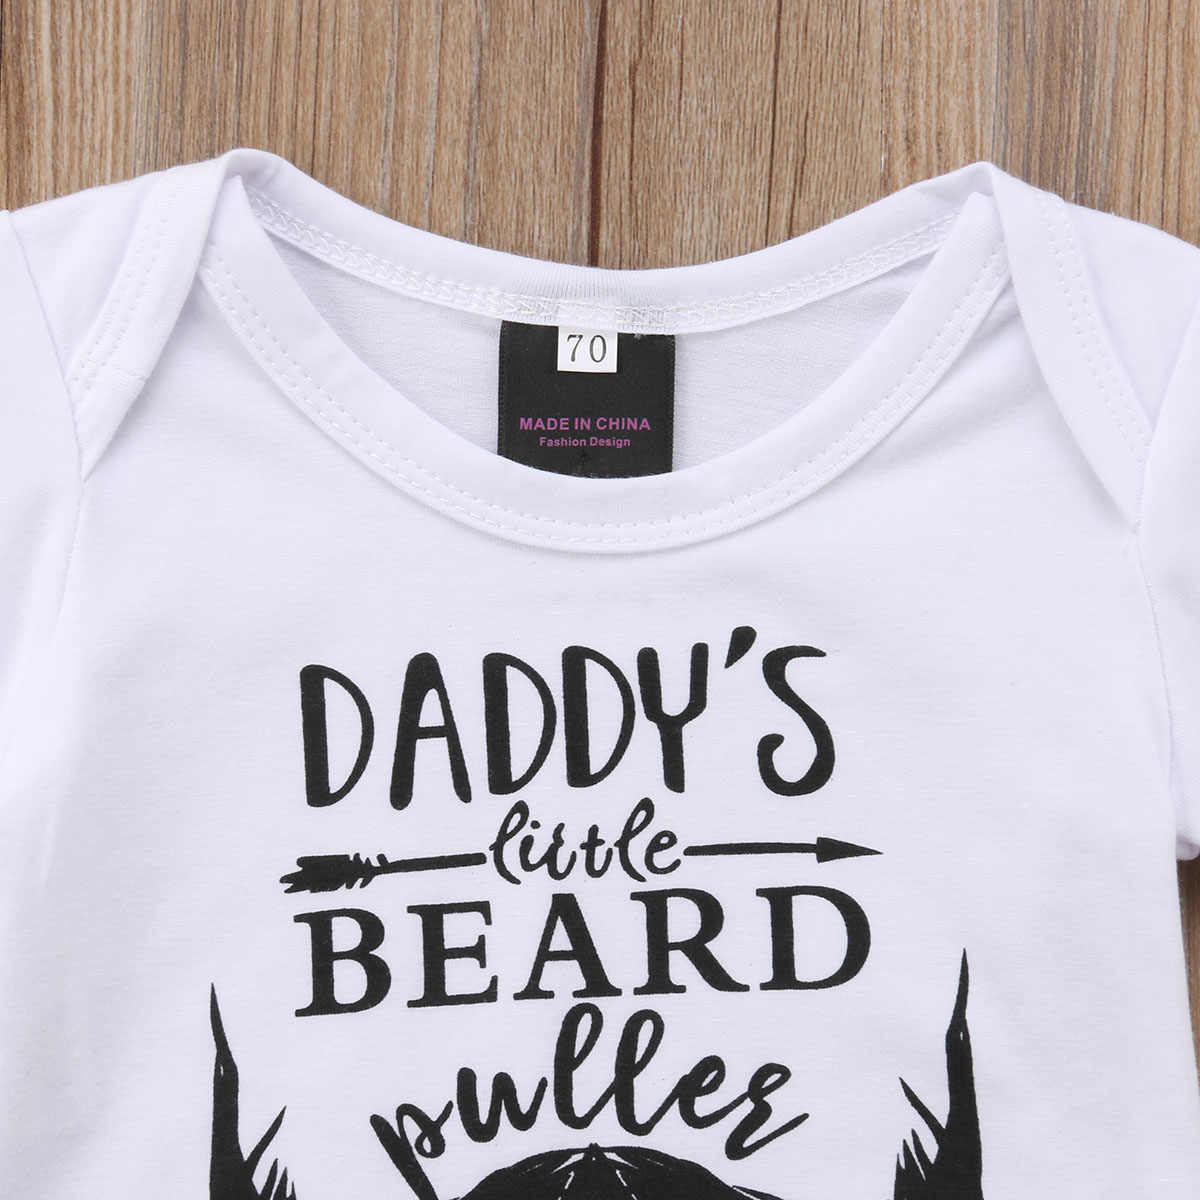 Pudoco/комбинезон с бородой для новорожденных мальчиков и девочек, комбинезон с короткими рукавами, хлопковая Повседневная летняя одежда для малышей